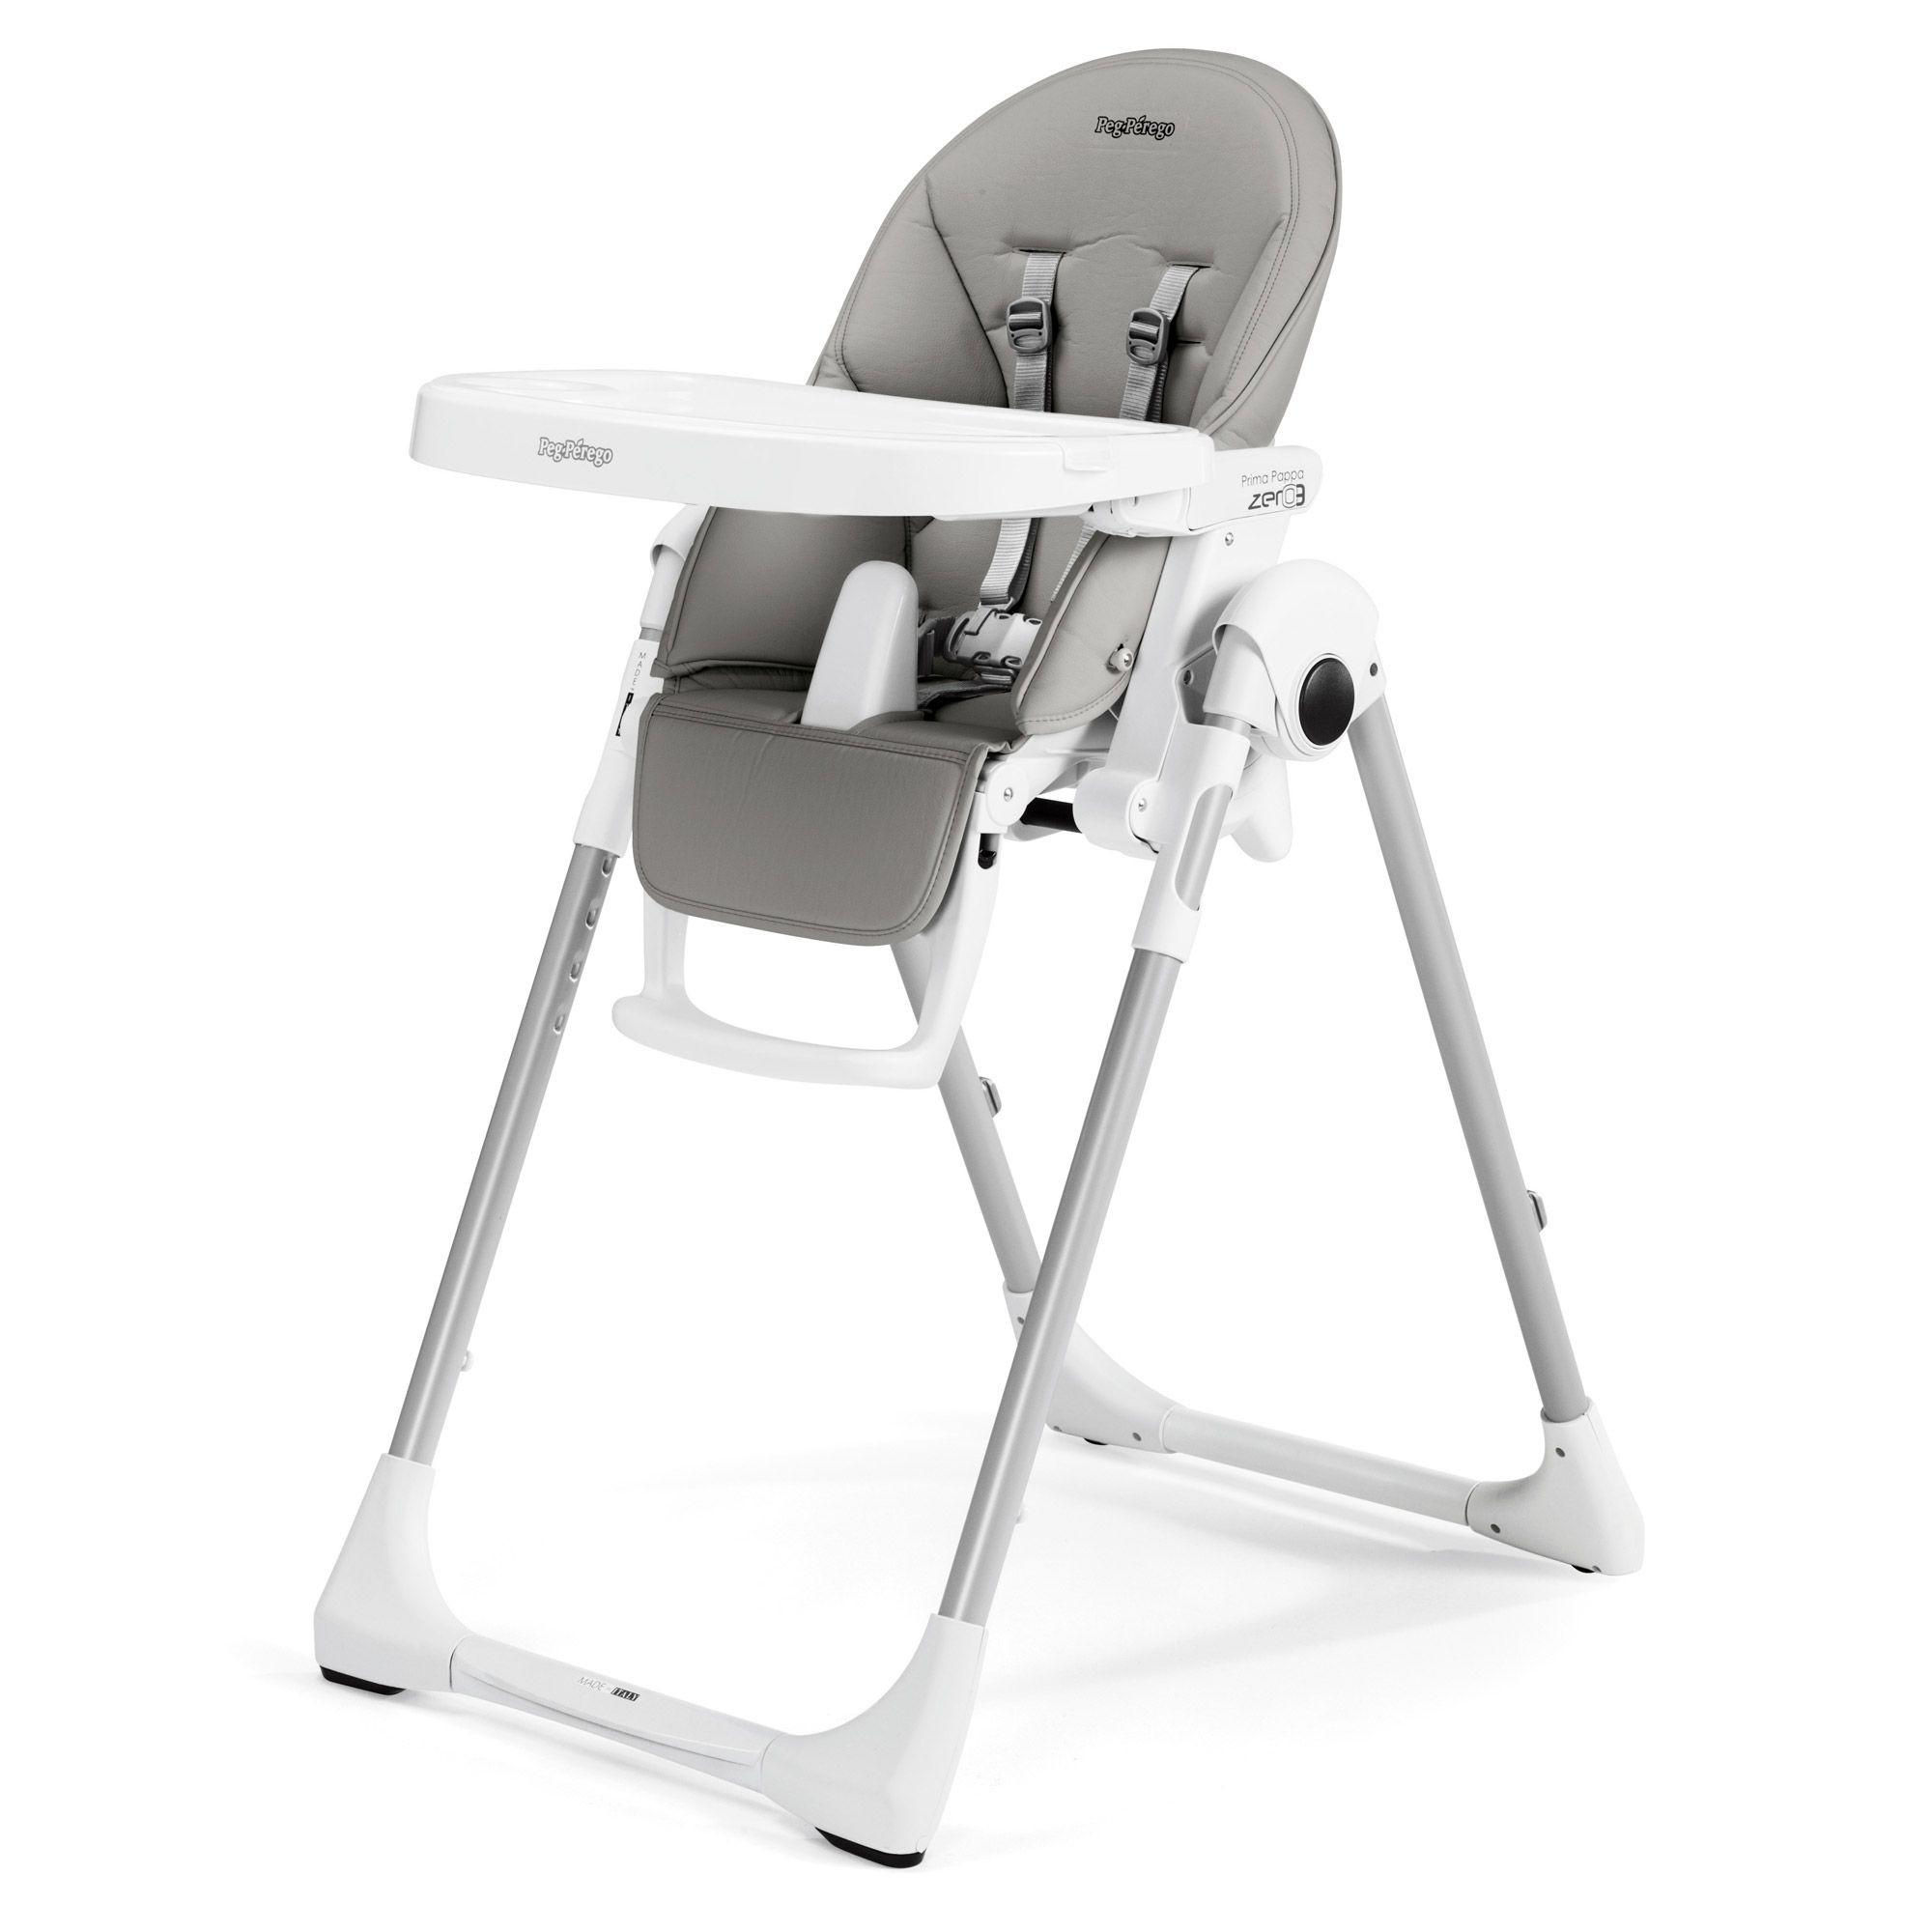 8700 EUR Chaise Haute Prima Pappa Zero3